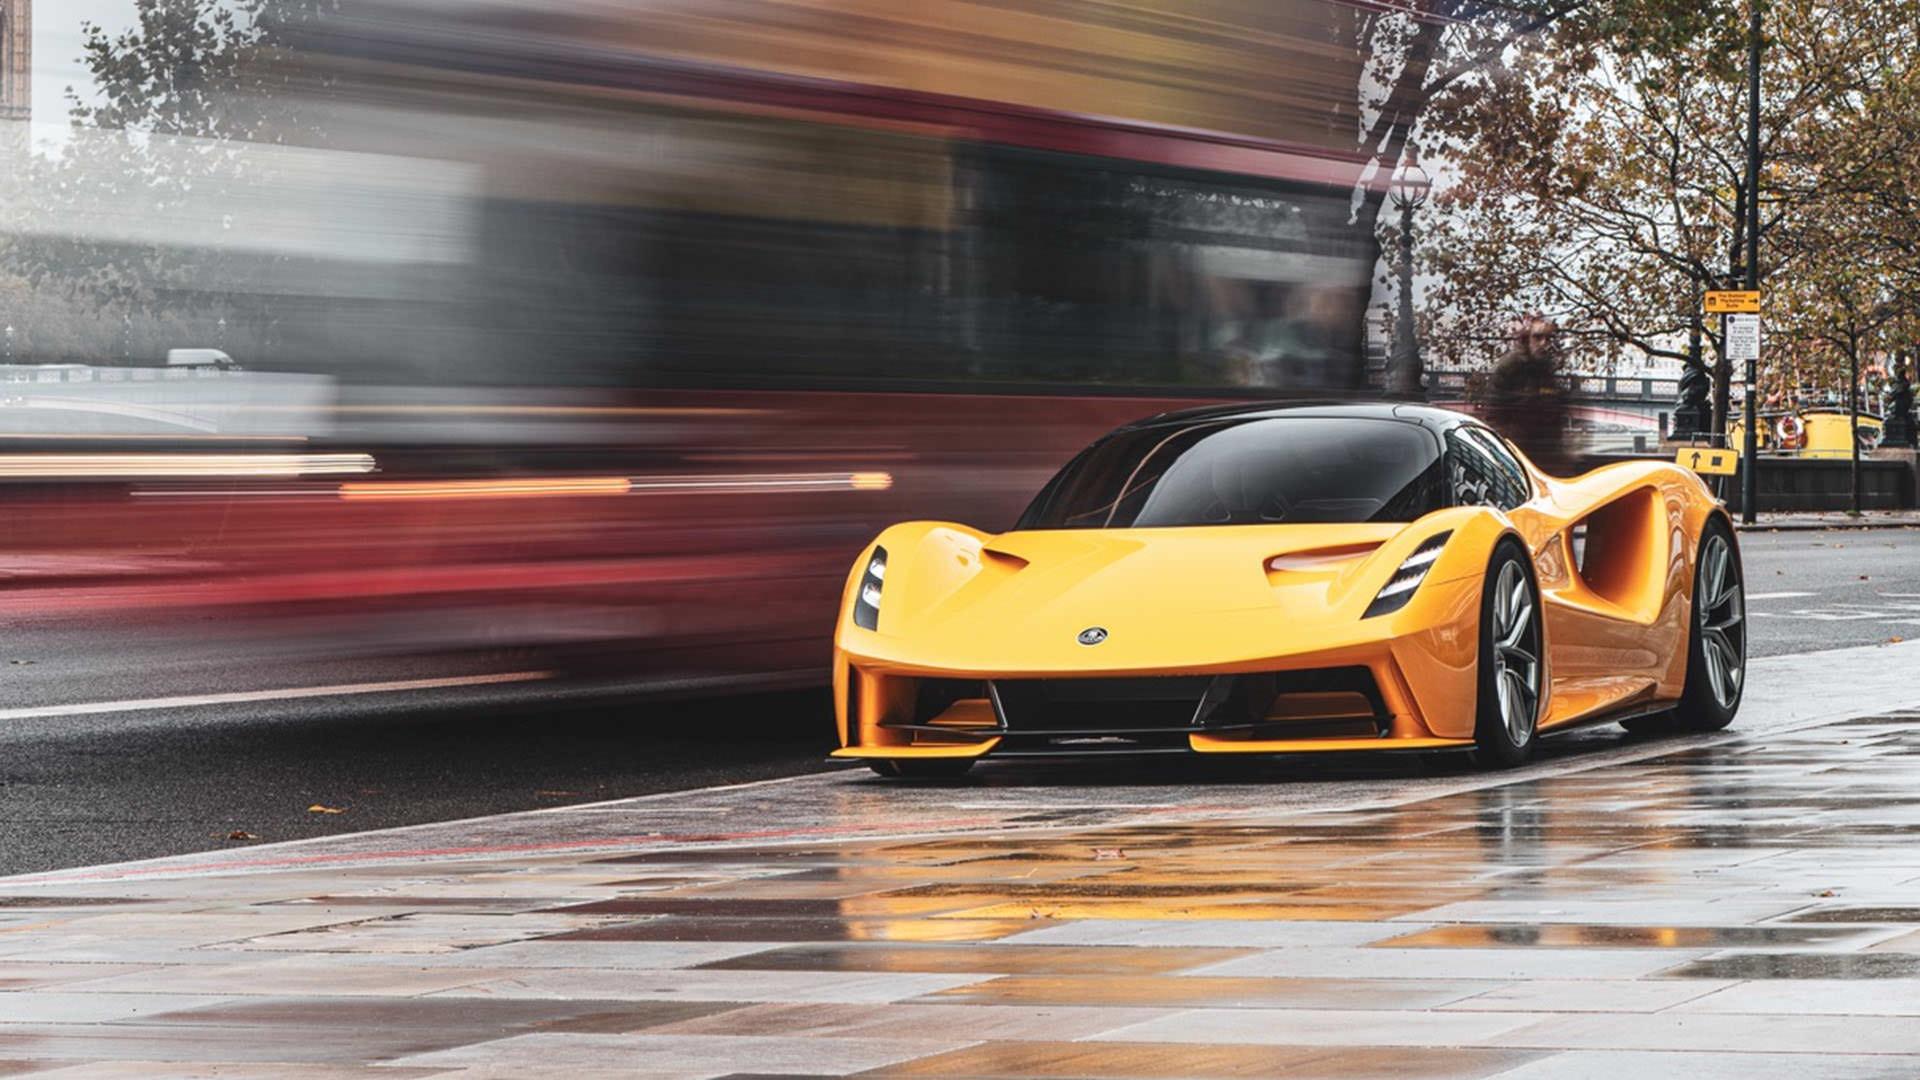 جایزه طراحی خودرو سال به ابرخودروی برقی لوتوس اوایا رسید